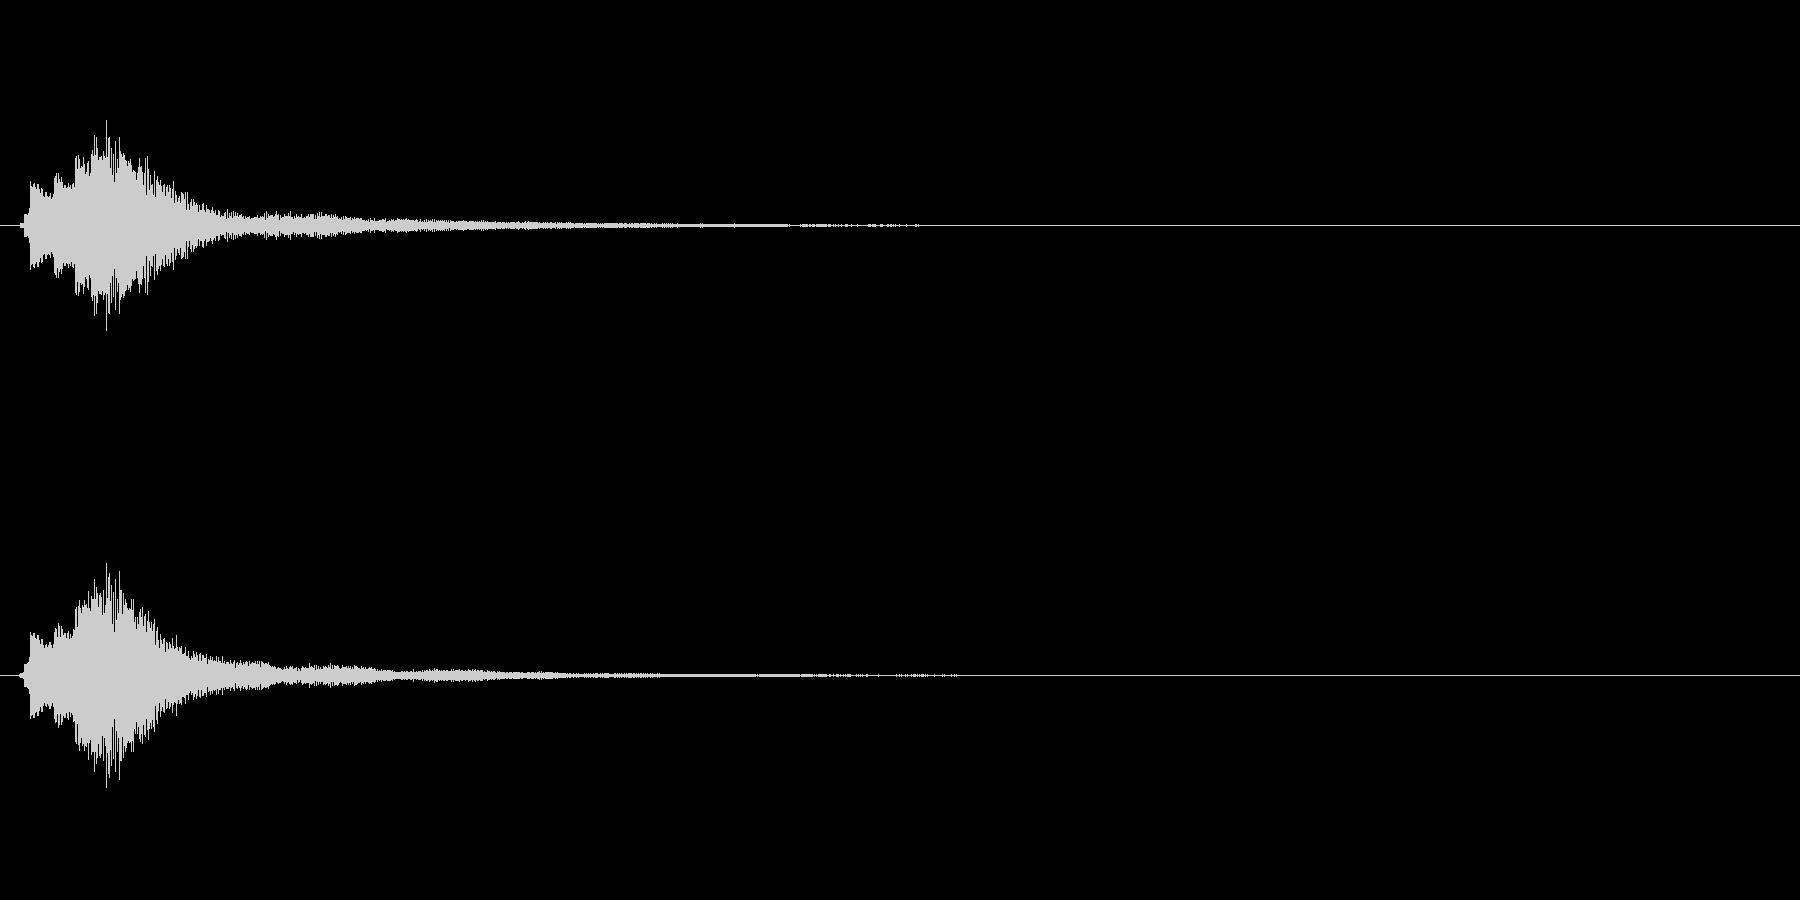 キラキラ系_017の未再生の波形